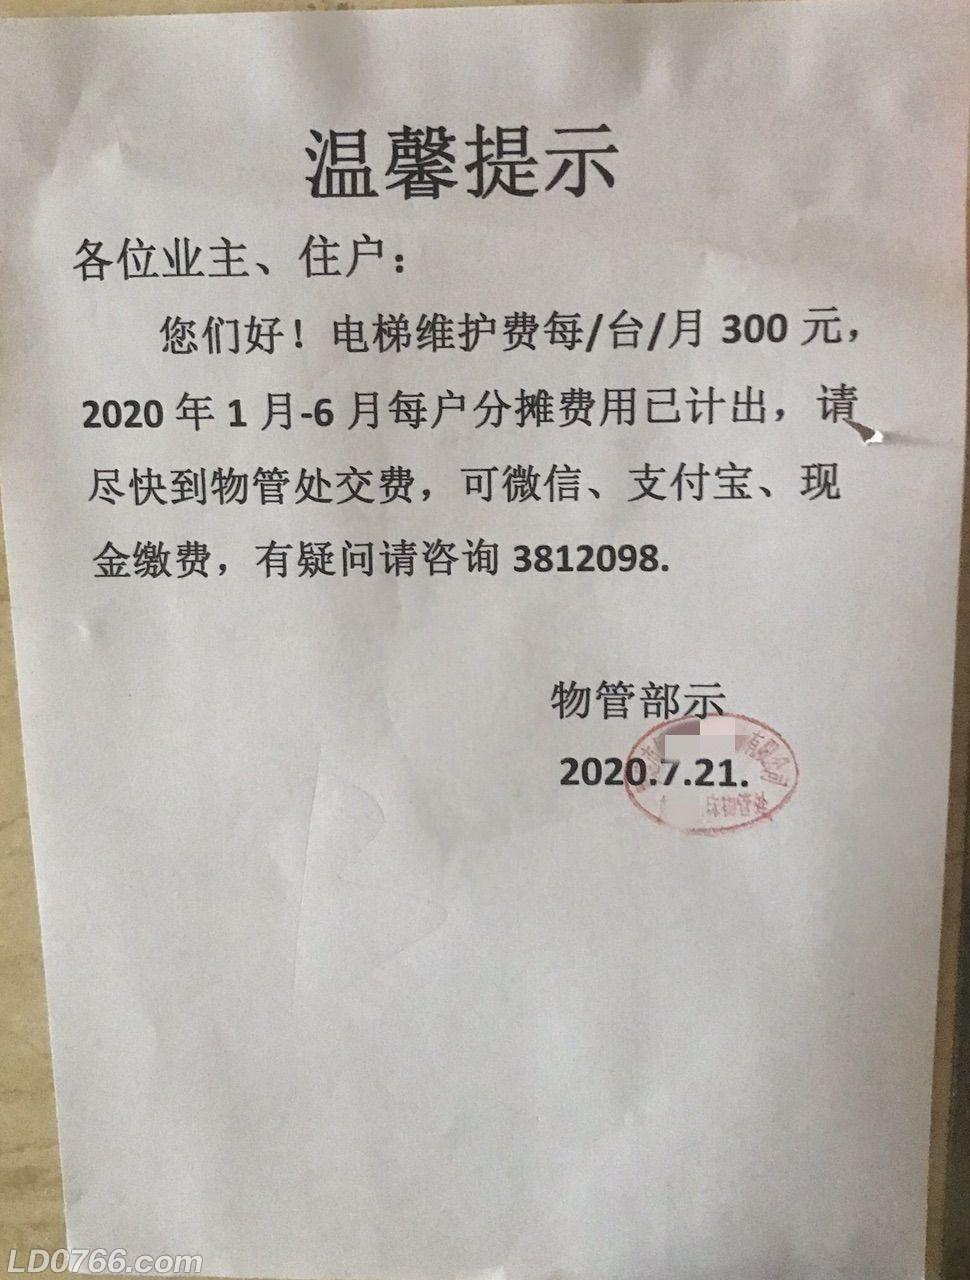 220229bmk44dz9f91j9ds6_副本.jpg